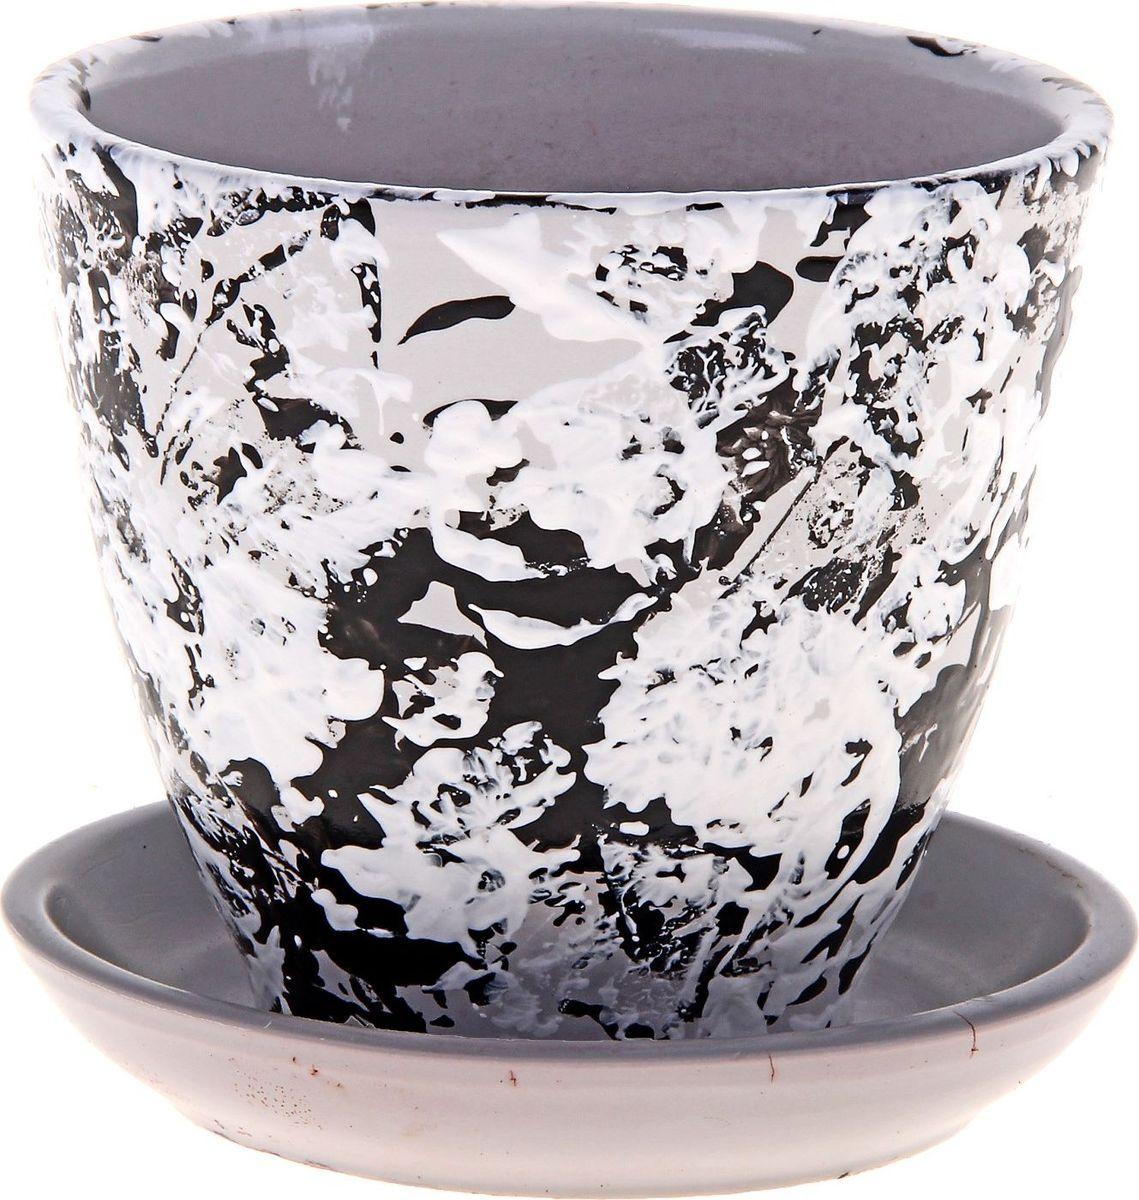 """Декоративное кашпо """"Мрамор"""", выполненное из высококачественной керамики, предназначено для посадки декоративных растений и станет прекрасным украшением для дома. Благодаря своему дизайну впишется в любой интерьер помещения."""